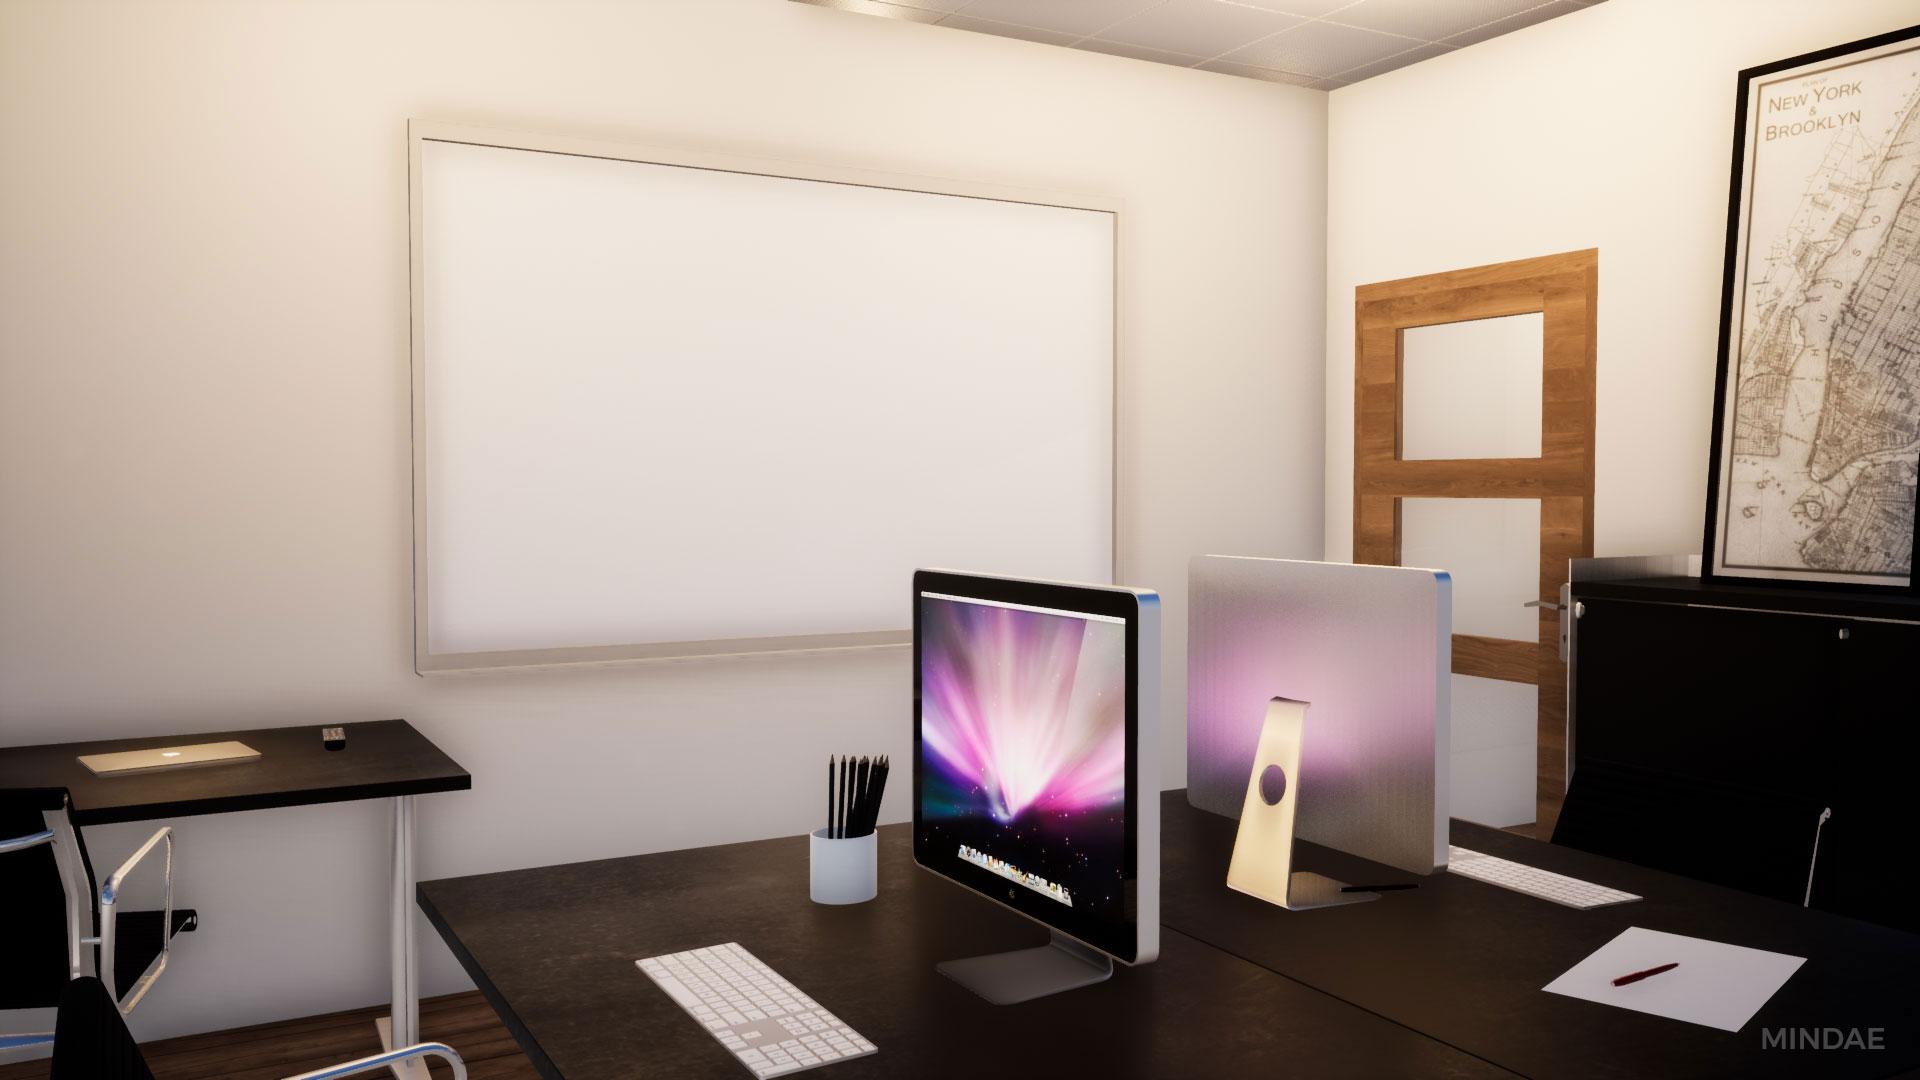 Mindae_golf_caen_3D_espace_bureaux_professionnel_conference-(6)